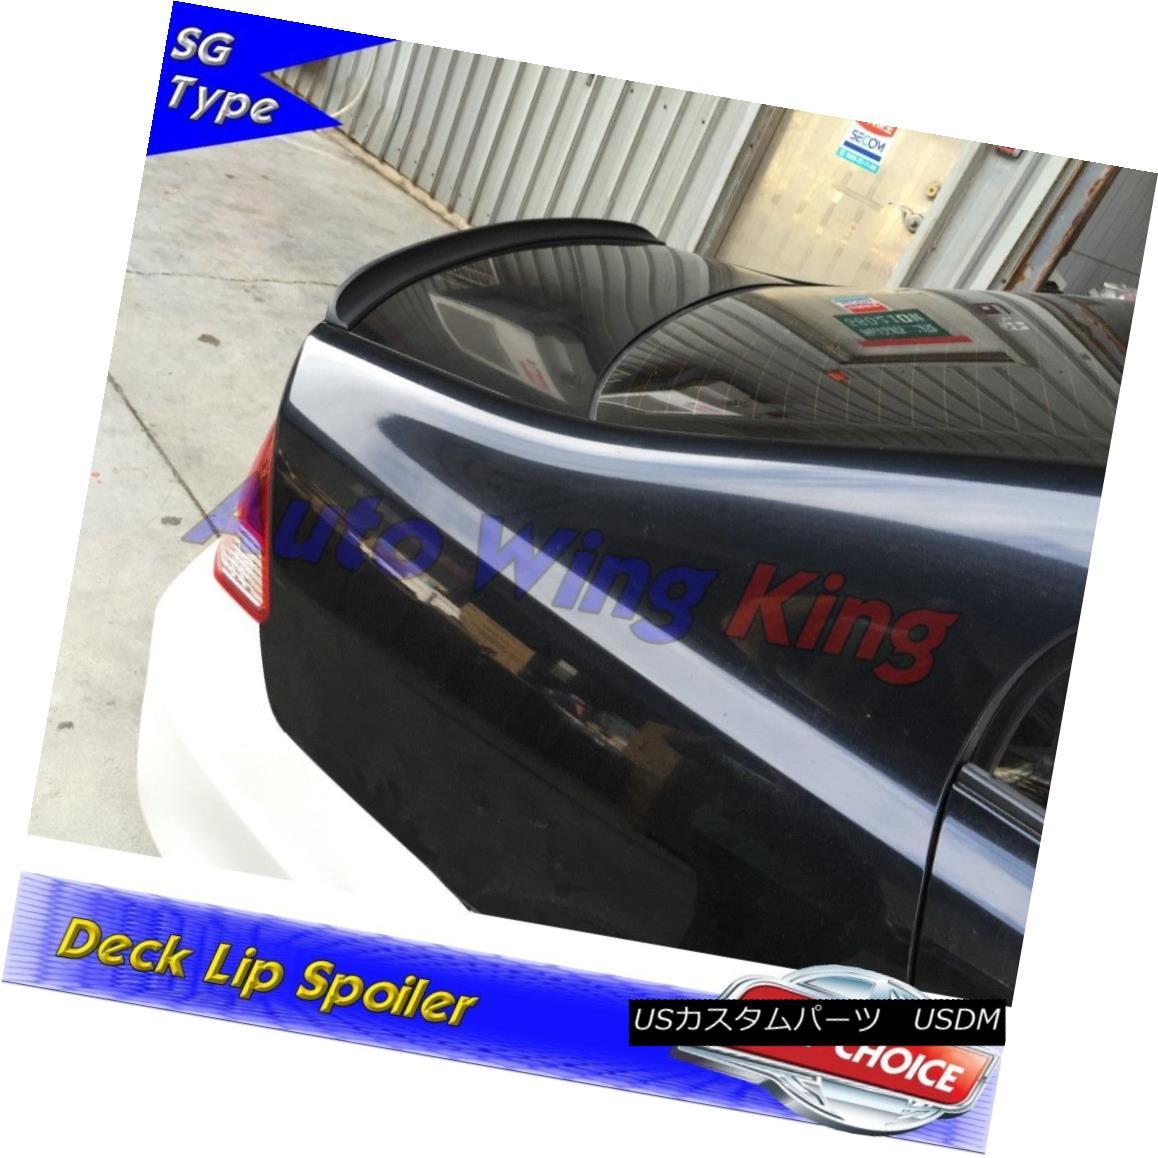 エアロパーツ Flat Black SG Rear Trunk Lip Spoiler For Mercedes-Benz E W124 Sedan 1986~95 ? フラットブラックSGリアトランクリップスポイラーメルセデスベンツE W124セダン1986年?95?